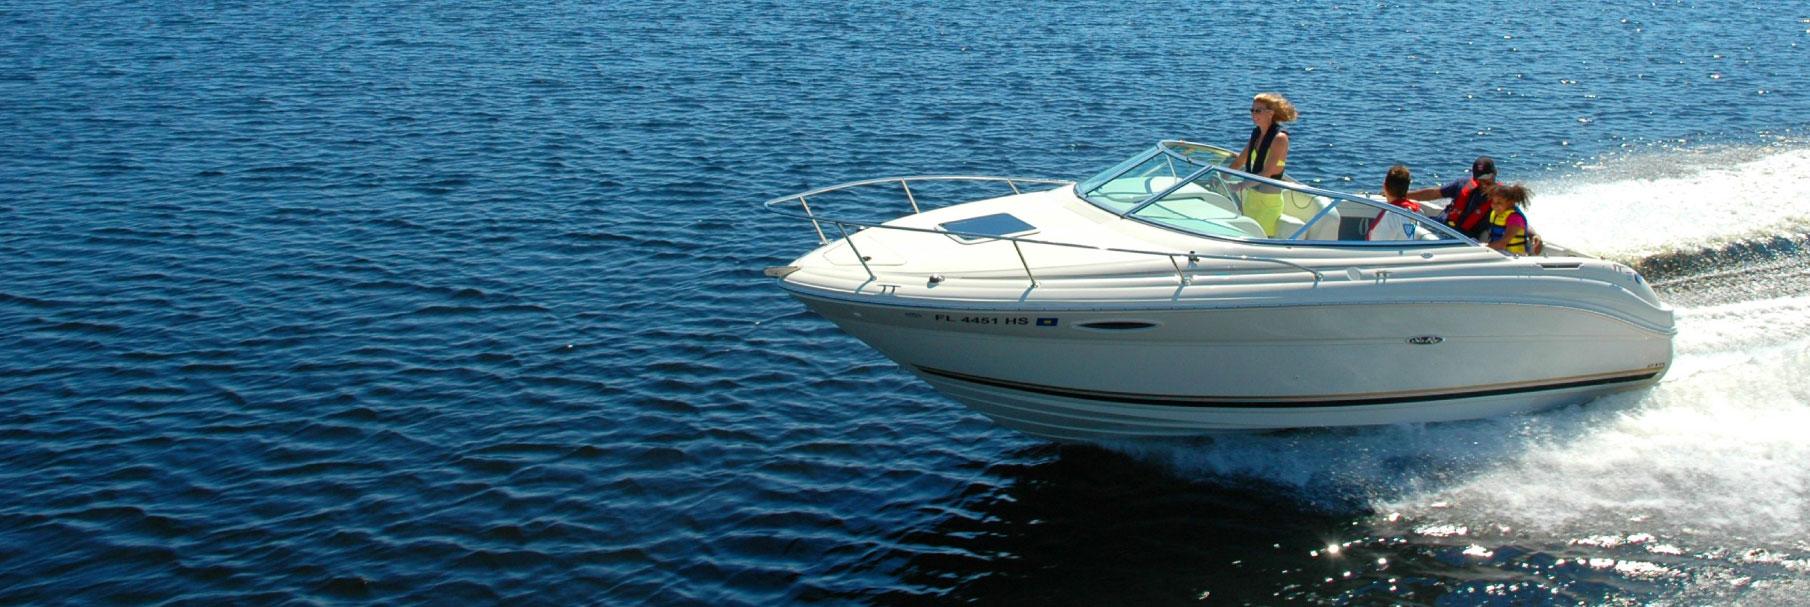 Boat-Sales-Slider-2